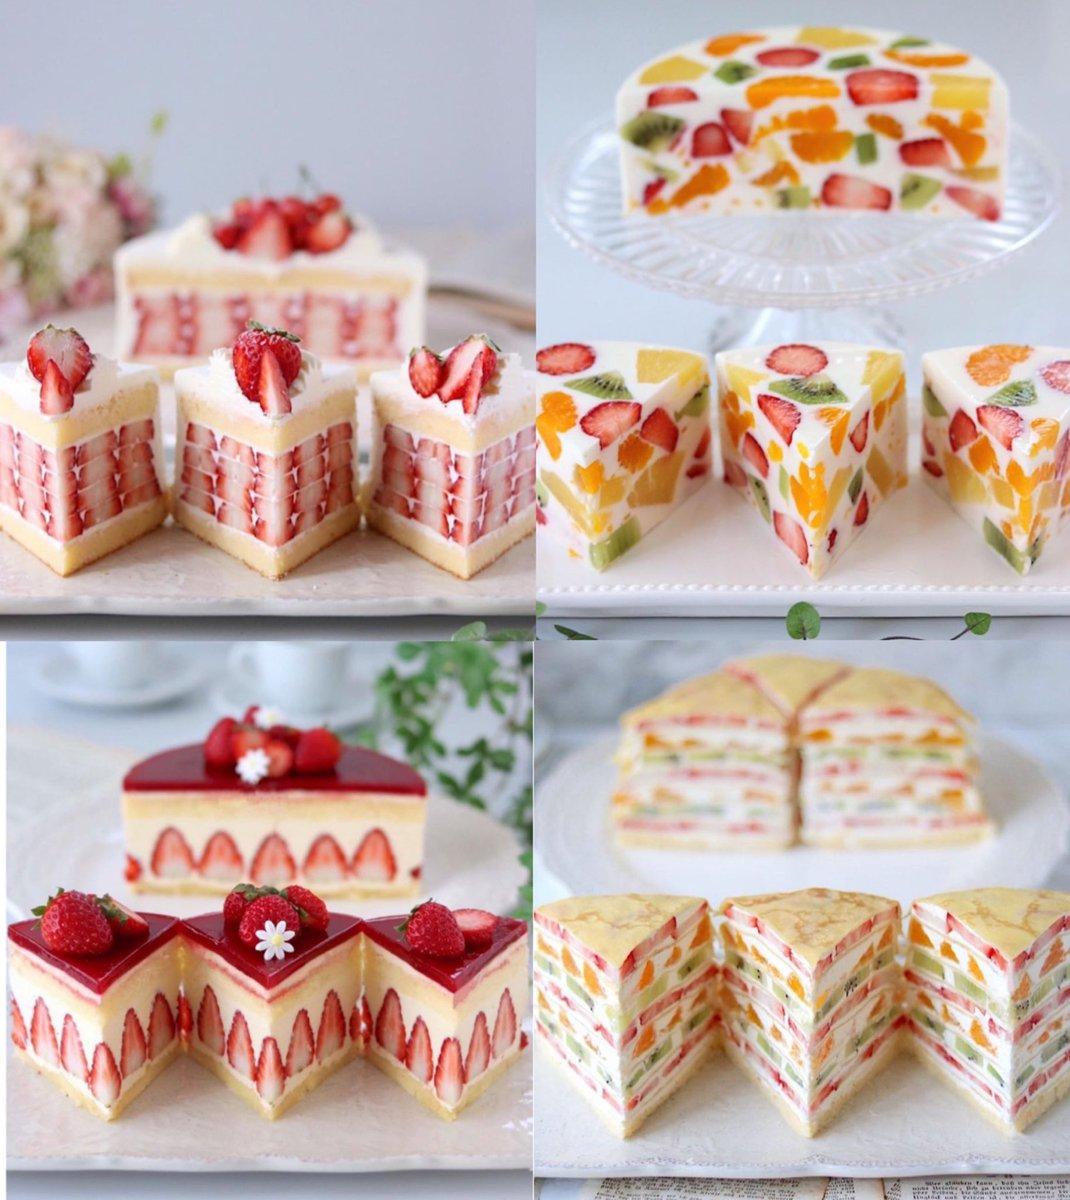 見た目に綺麗でカワイイ!?カットしても美しいケーキたち!